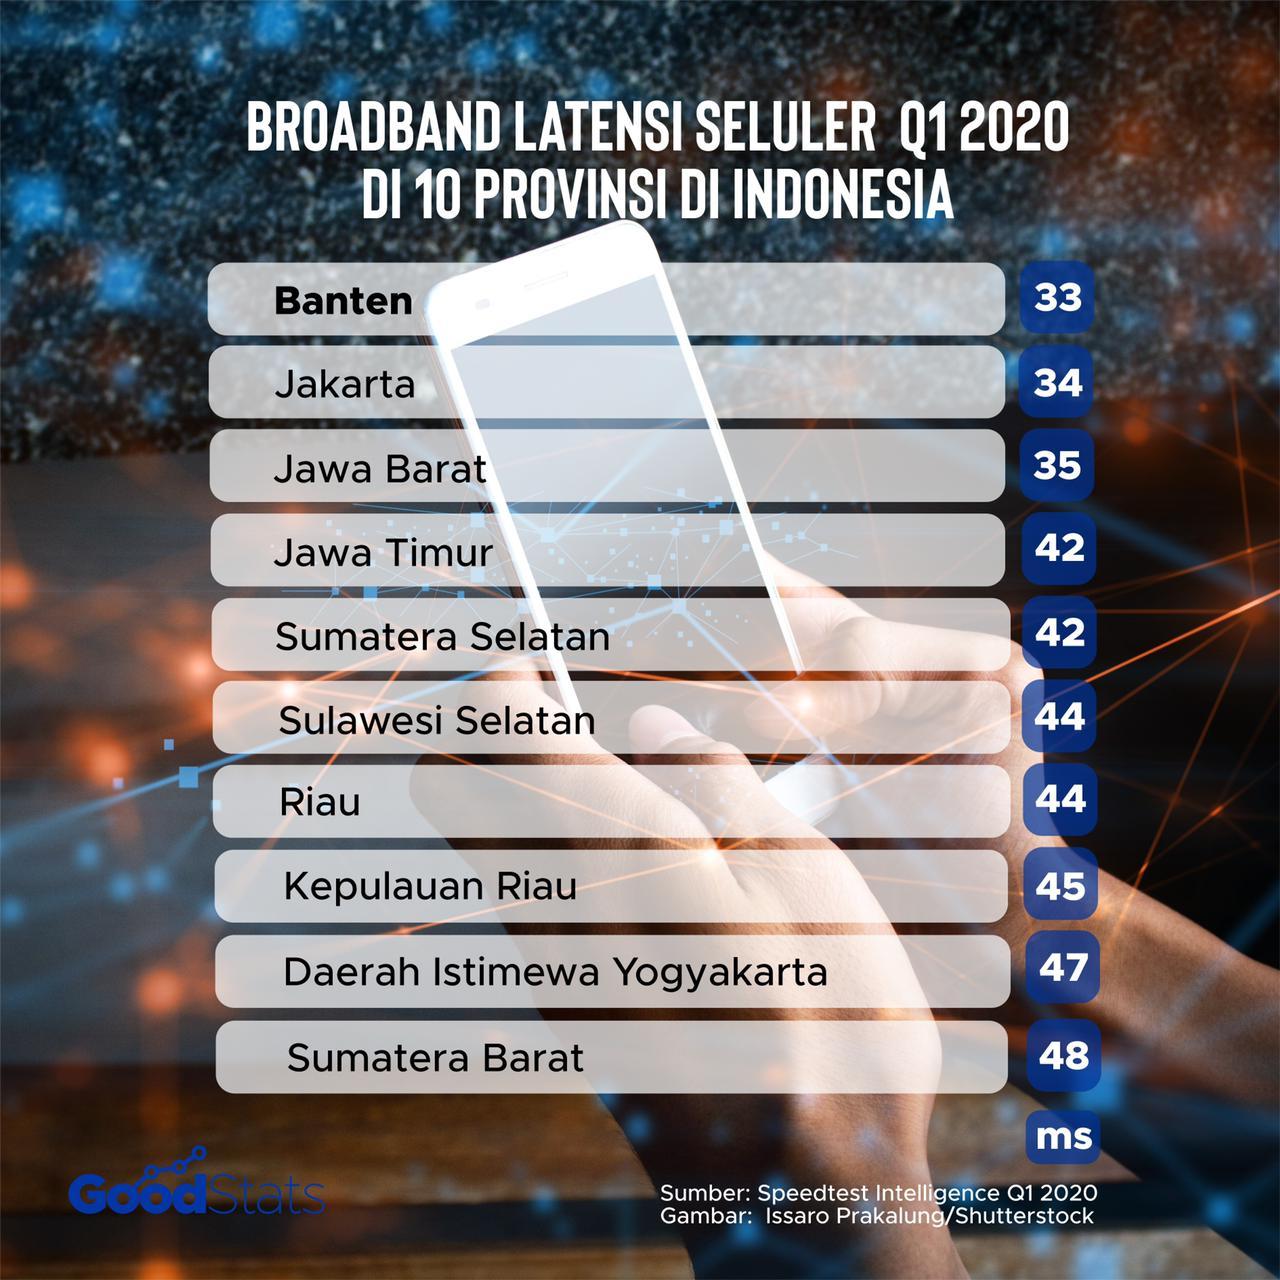 10 provinsi pemilik latensi mobile broadband terendah. Banten menjadi provinsi dengan latensi terendah, yakni 33 ms. Masih di Pulau Jawa, posisi selanjutnya ditempati Jakarta 34 ms dan Jawa Barat 35 ms | GoodStats